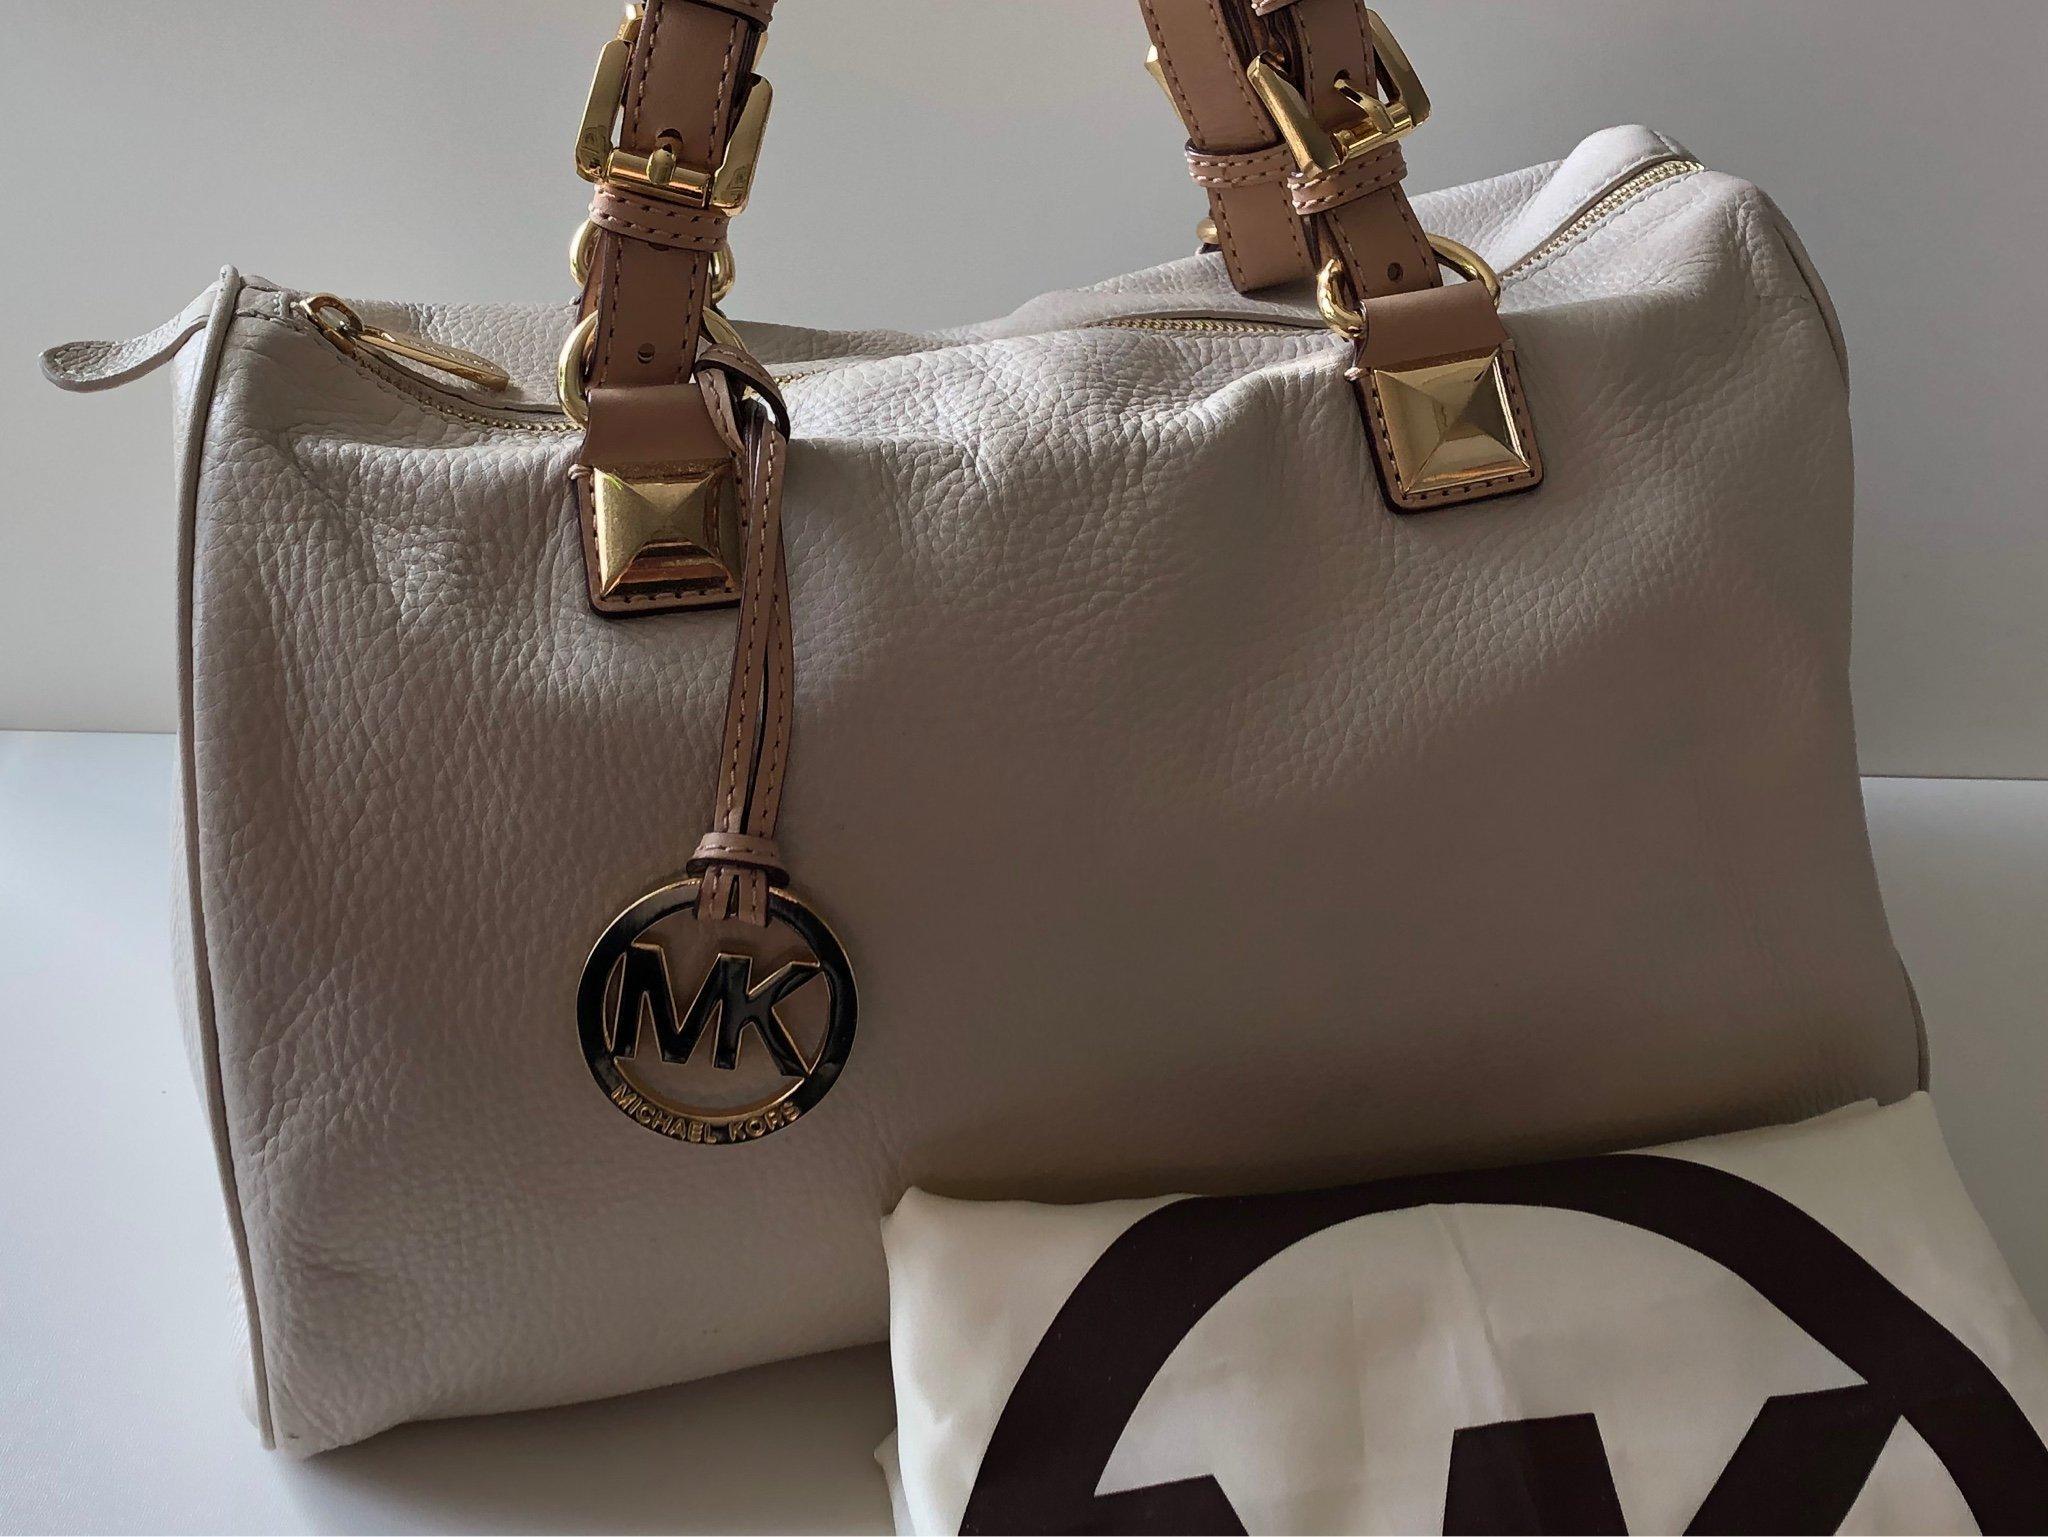 Michael Kors väska (394264658) ᐈ Köp på Tradera